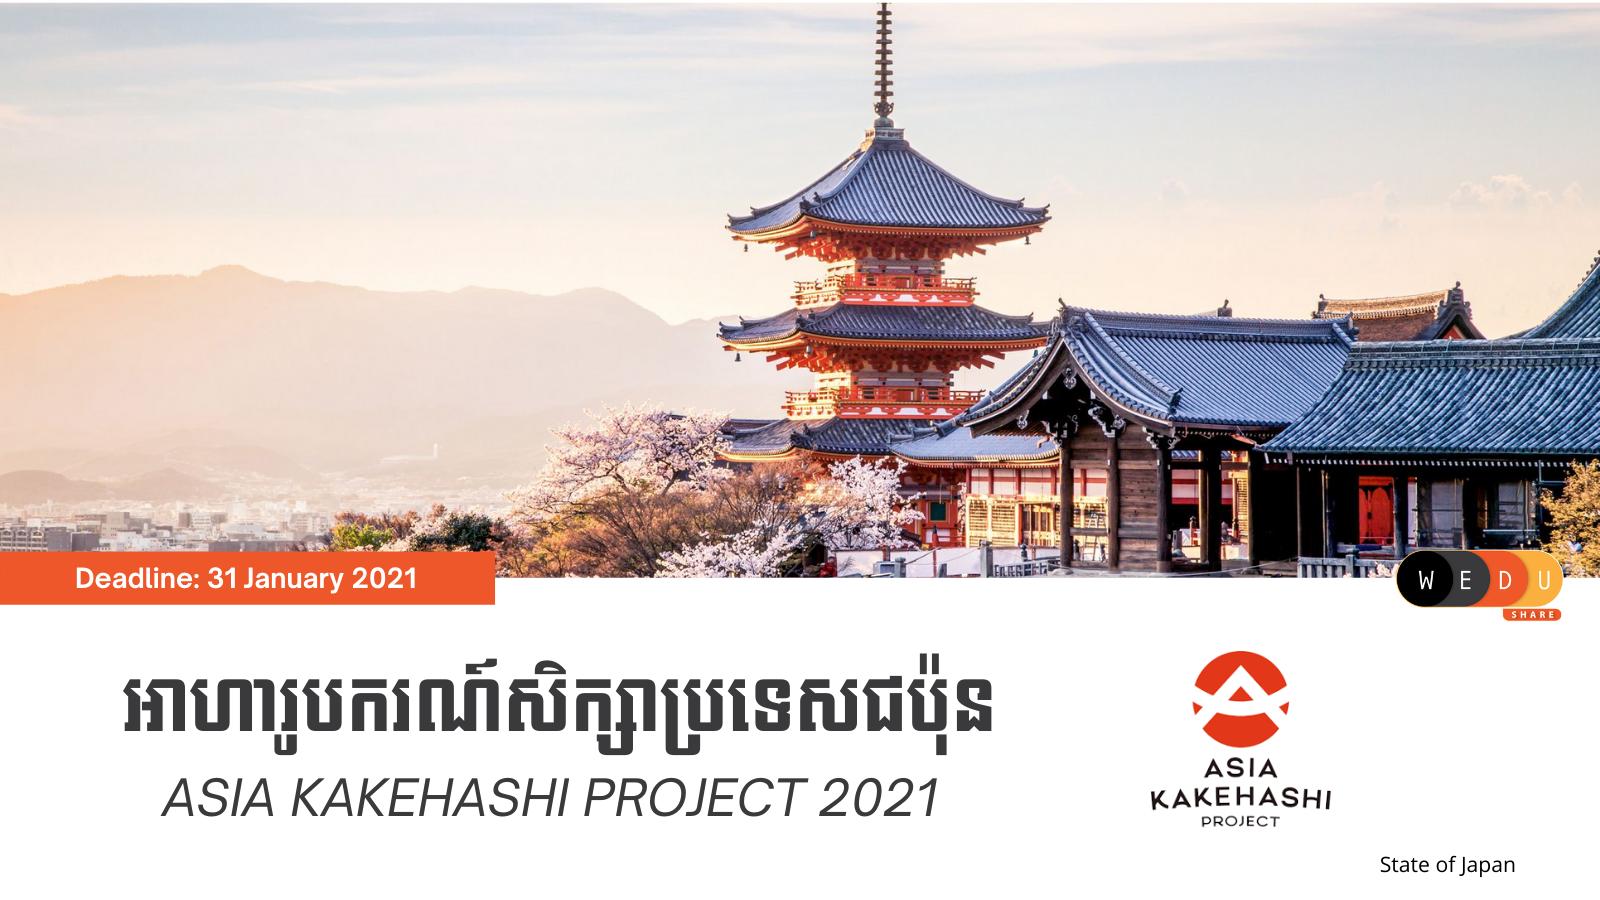 អាហារូបករណ៏ជប៉ុន ASIA KAKEHASHI PROJECT 2021